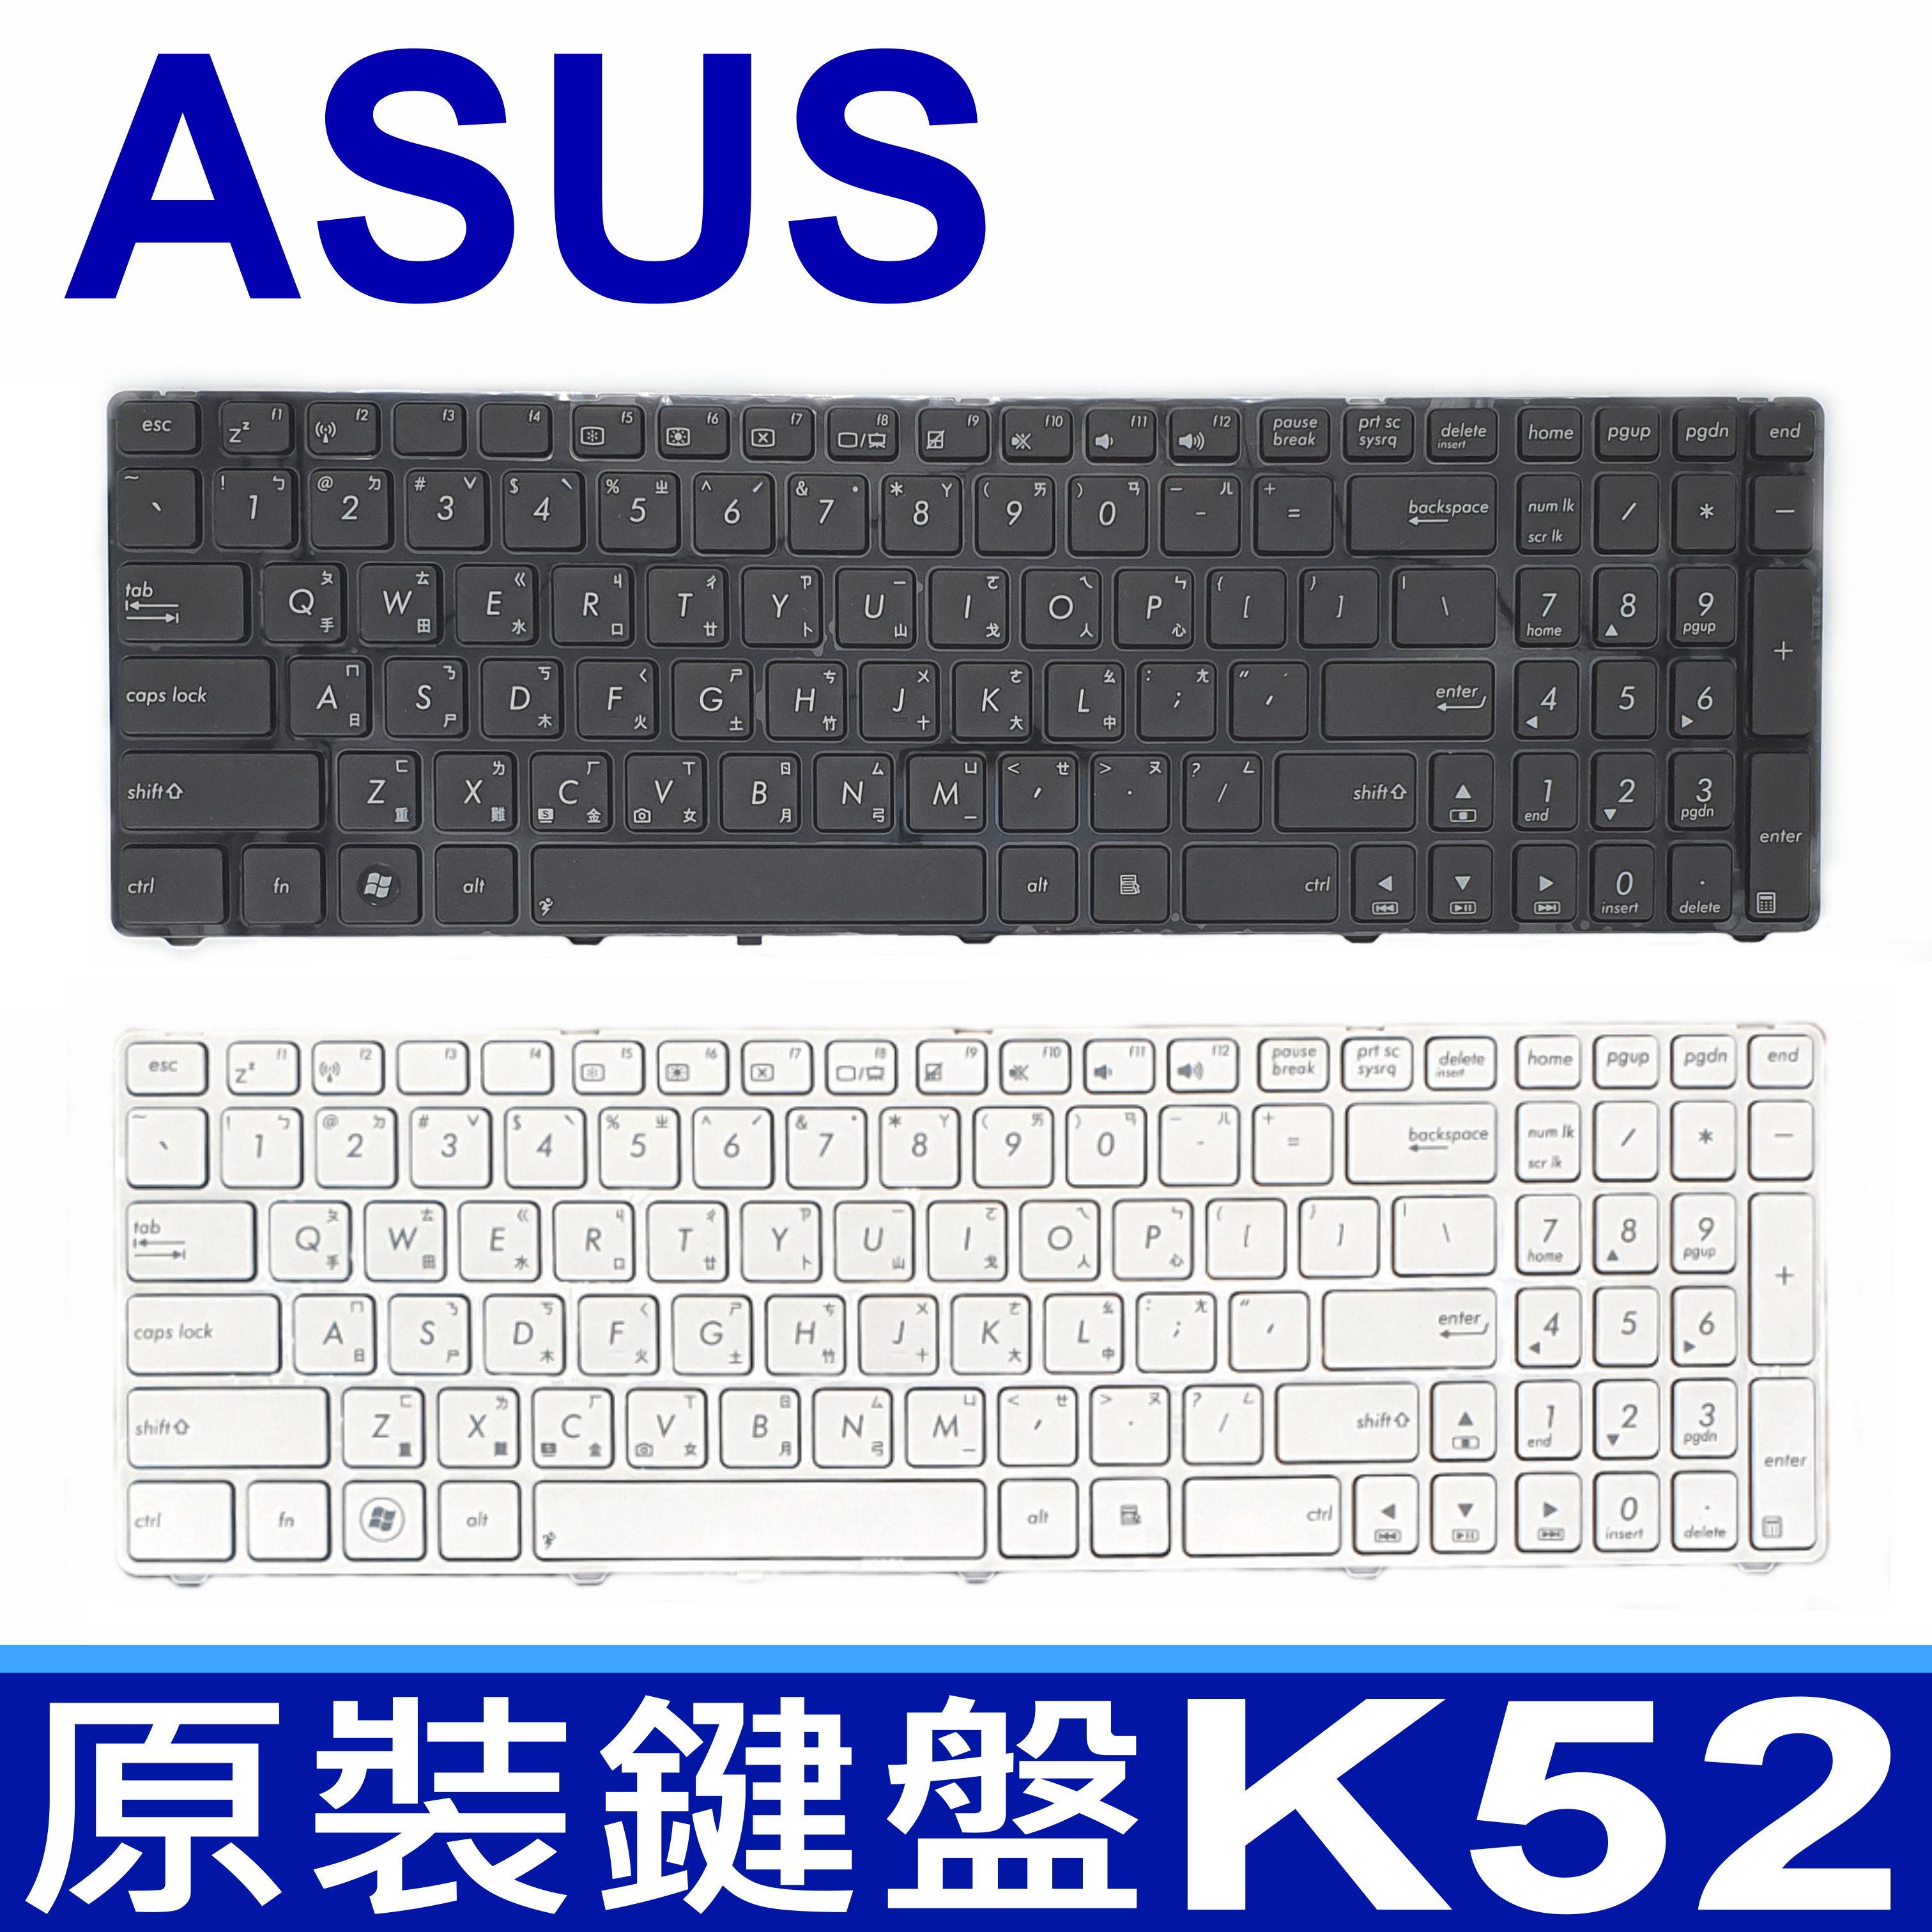 筆電達人 華碩 ASUS K52 全新 繁體中文 鍵盤 X55L X55U X55V X55VD X61 X61G X61GX X61S X61Q X61S X61SF X61SL X61...